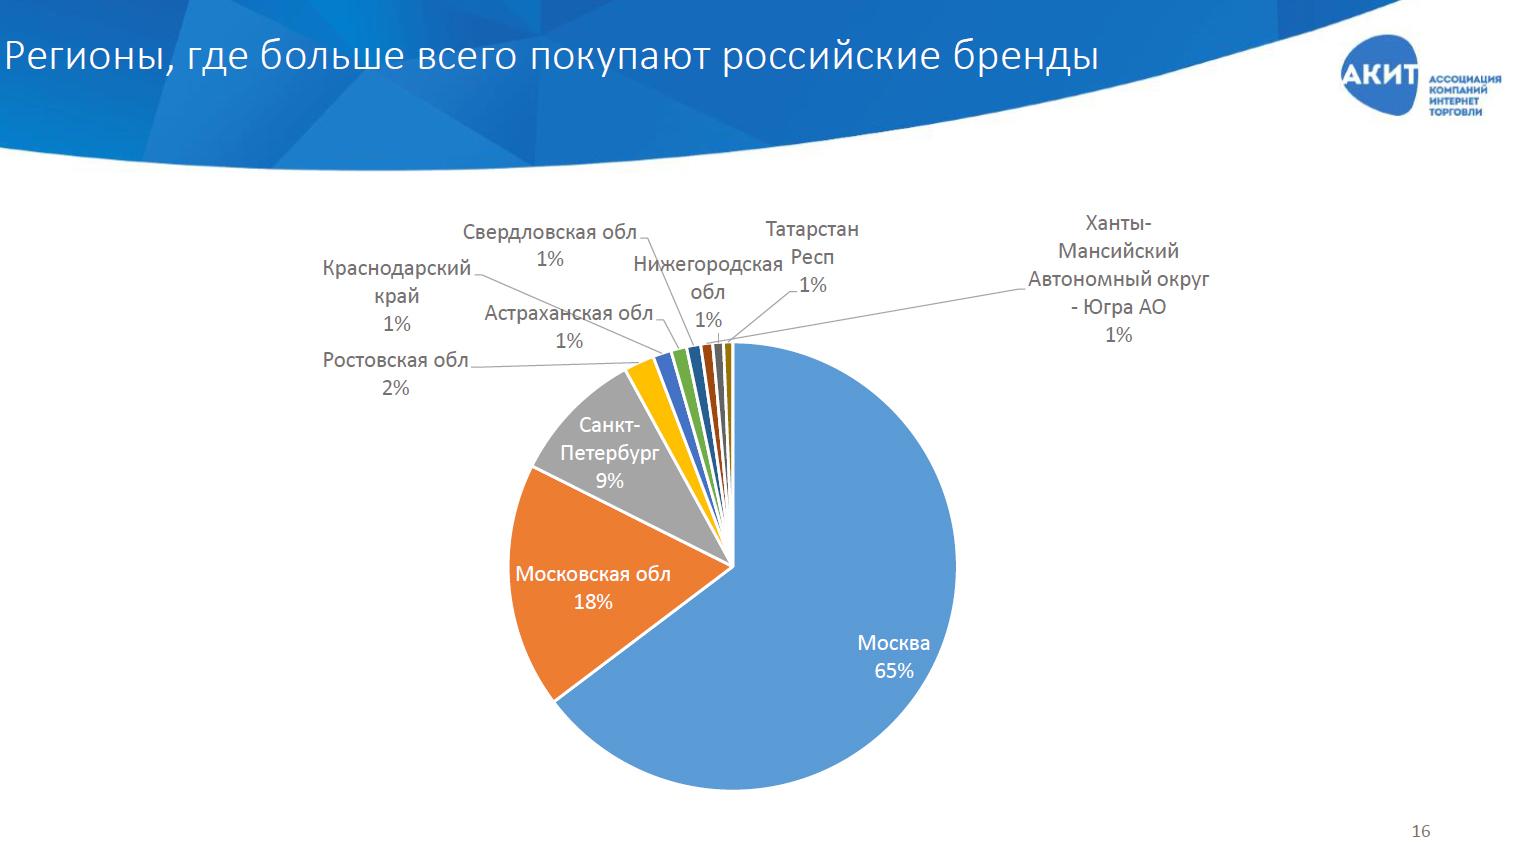 c22487d765a Вся остальная Россия продолжает покупать дешевые китайские товары. Не  секрет